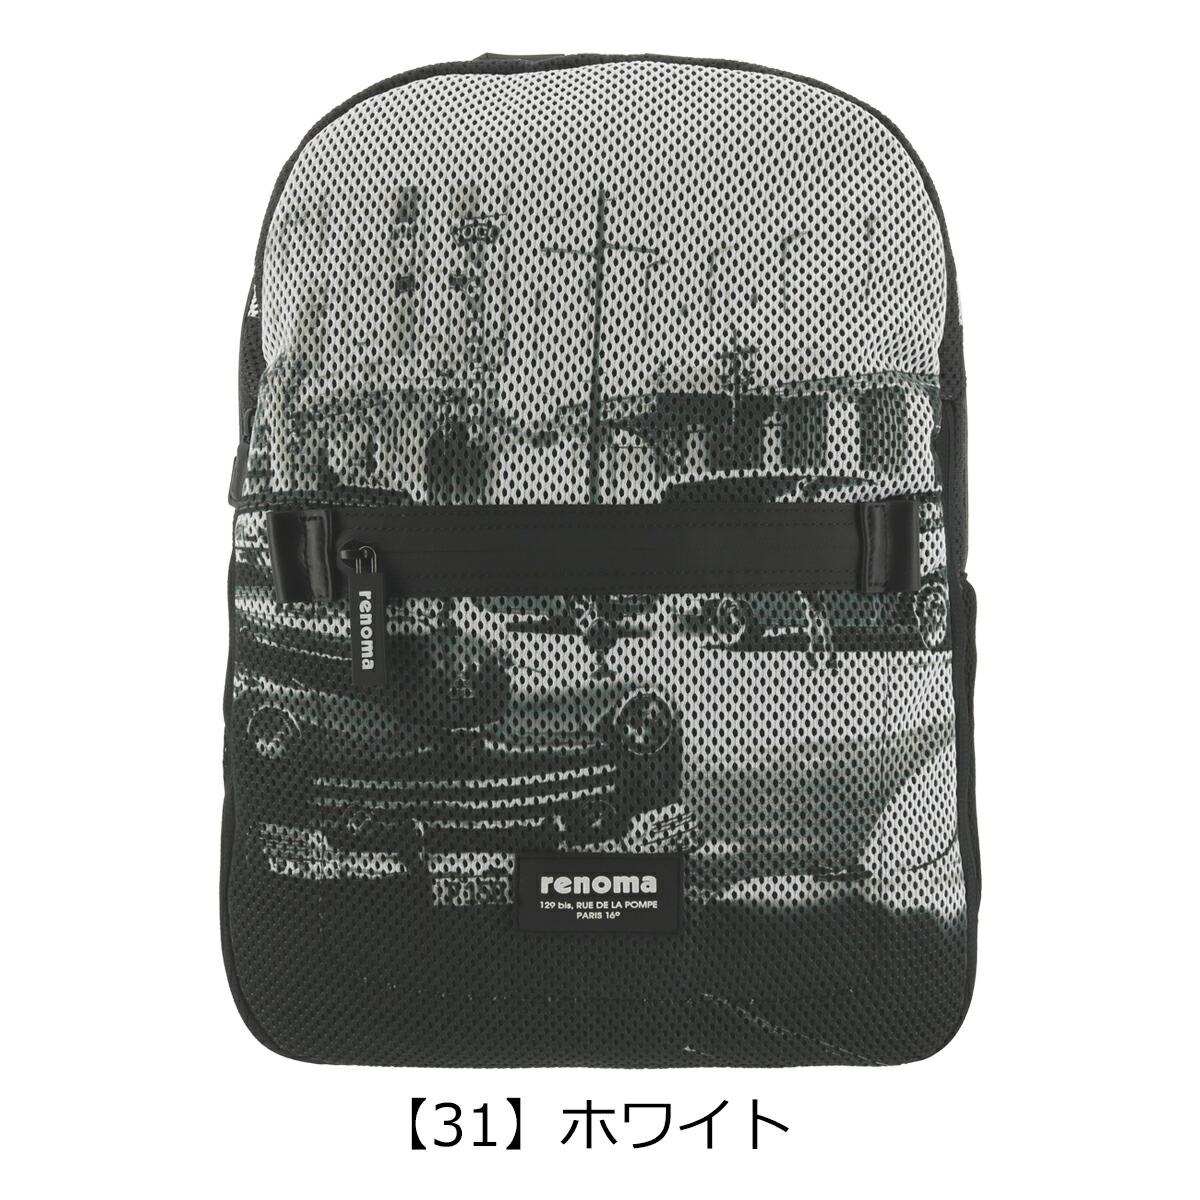 【31】ホワイト